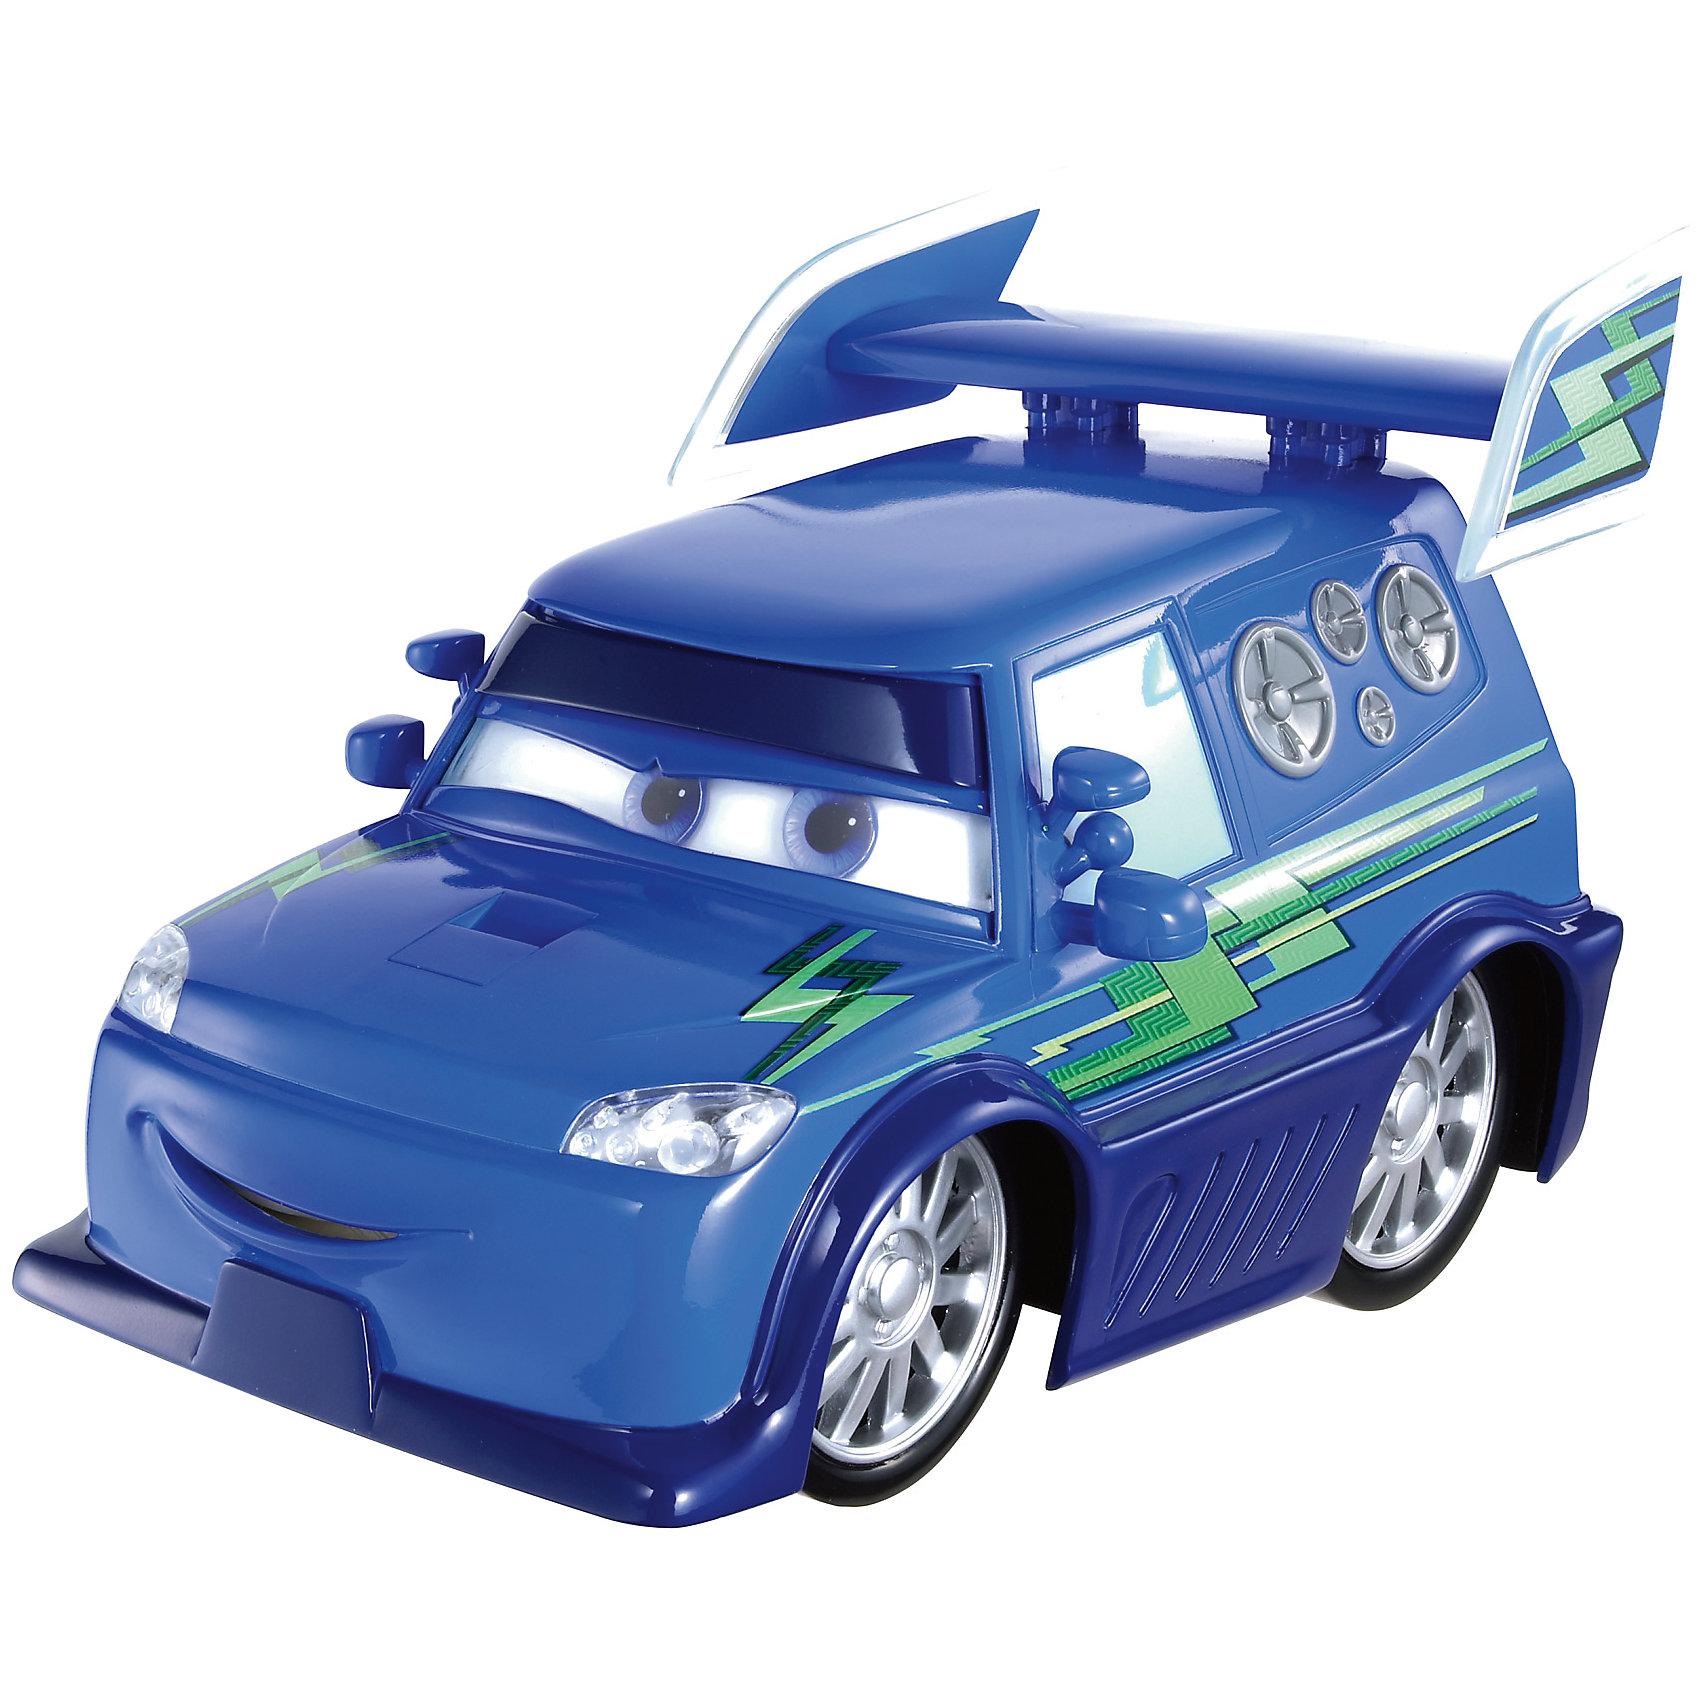 Литая машинка, Тачки-2Машинки<br>Литая машинка Делюкс от компании «Mattel» выполнена в виде главного персонажа мультфильма «Тачки 2». Изготовленная из металла в масштабе 1:55 игрушка отличается высокой степенью детализации и качеством исполнения. Завладев несколькими моделями, малыш сможет окунуться в любимый мультипликационный мир, устроить красочные показательные выступления среди машинок-киногероев.<br><br>Дополнительная информация:<br><br>- Материал: металл<br>- В упаковке: 1 шт.<br>- Размер машинки: 8 см.<br><br>Литую машинку, Тачки-2 можно купить в нашем магазине.<br><br>Ширина мм: 135<br>Глубина мм: 45<br>Высота мм: 160<br>Вес г: 80<br>Возраст от месяцев: 36<br>Возраст до месяцев: 72<br>Пол: Мужской<br>Возраст: Детский<br>SKU: 5015788